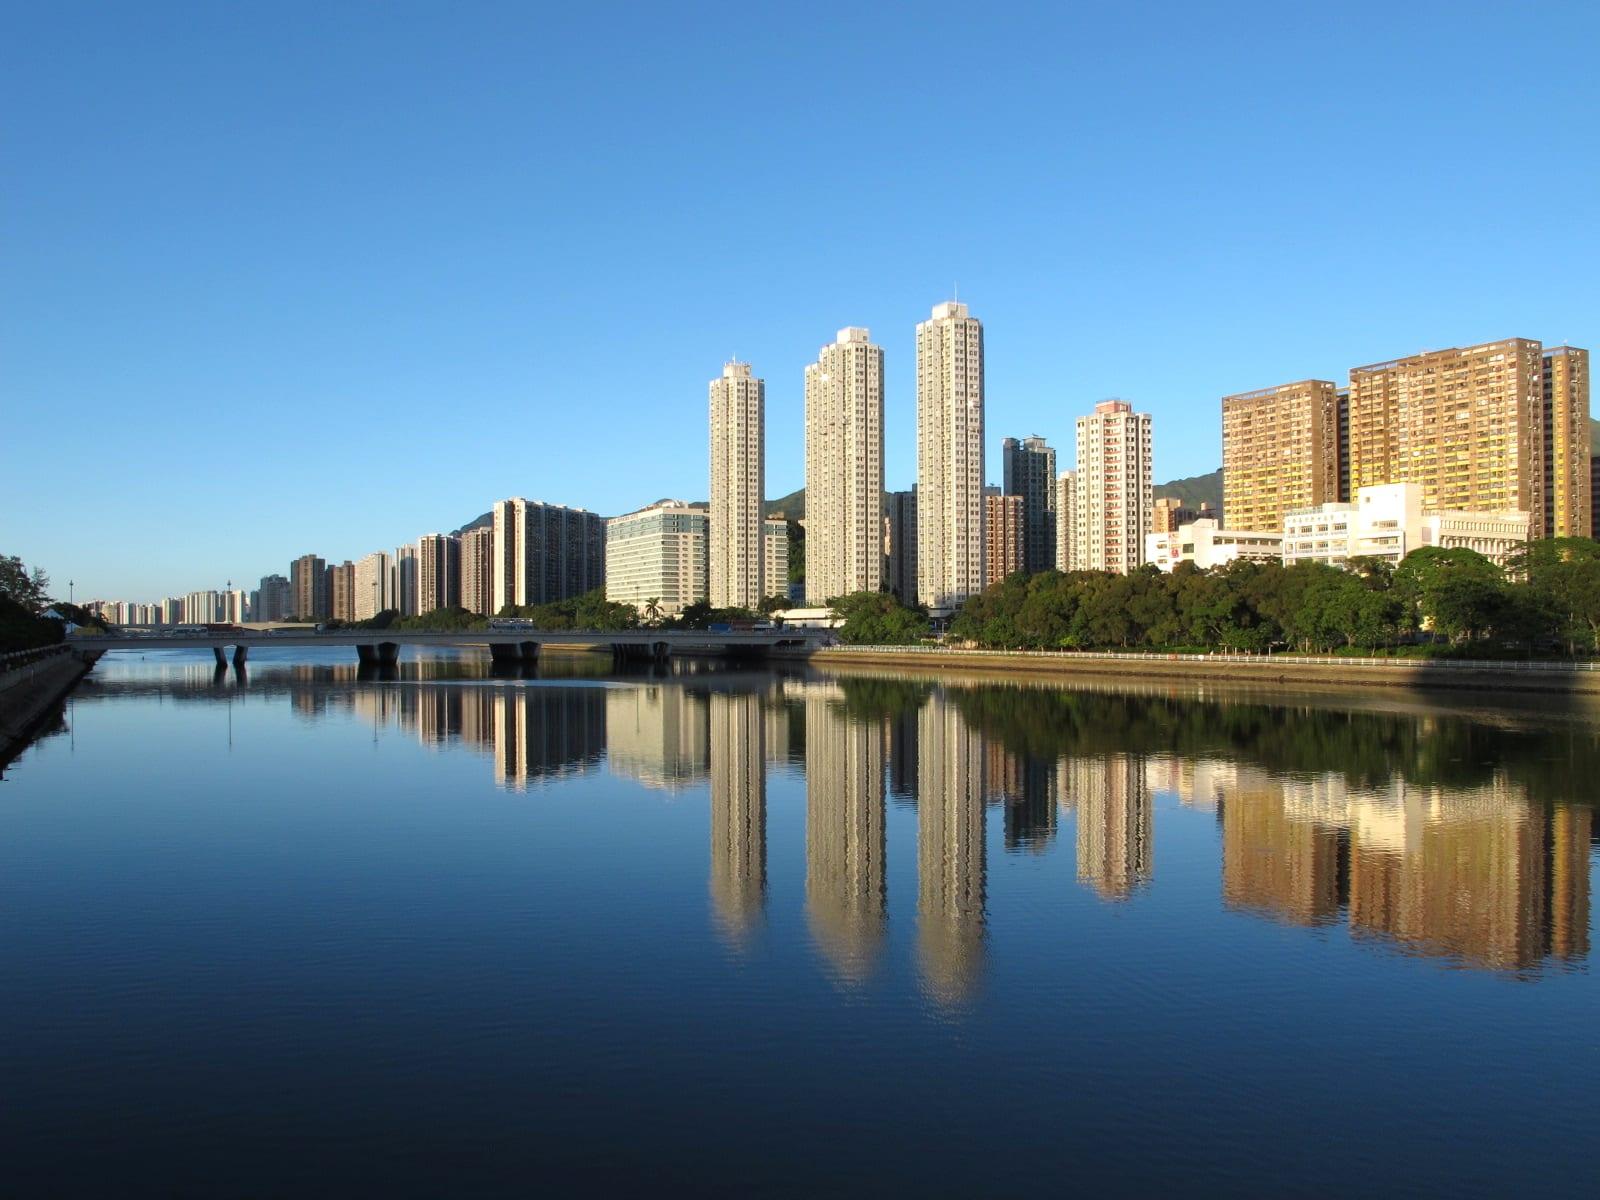 單車遊城門河,圖片取自wikimedia。